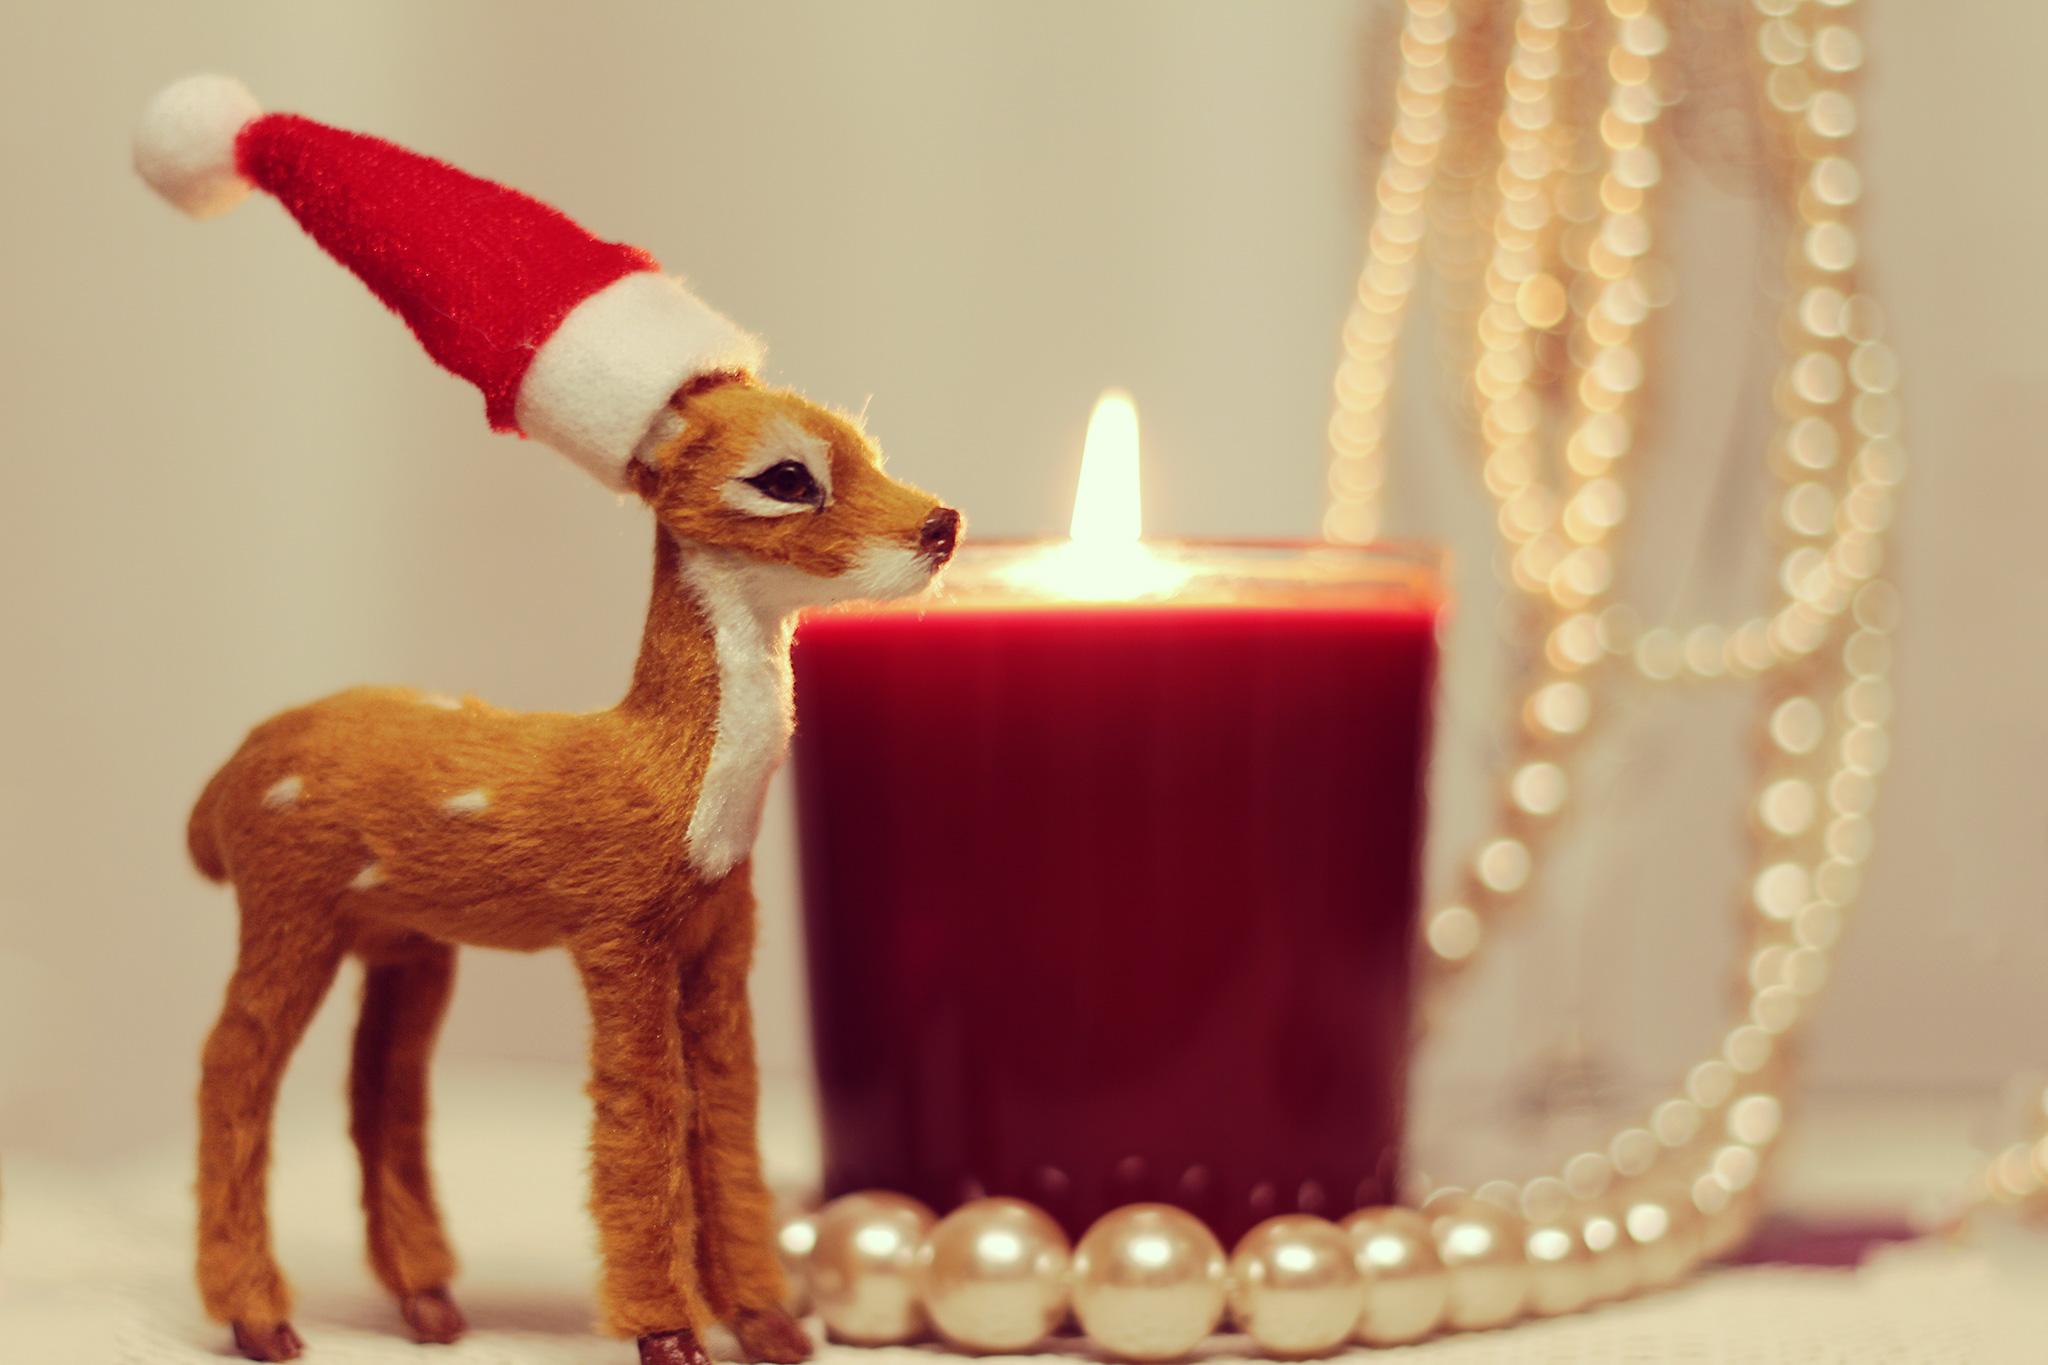 クリスマスは復縁できるチャンス!事前の準備が何より重要